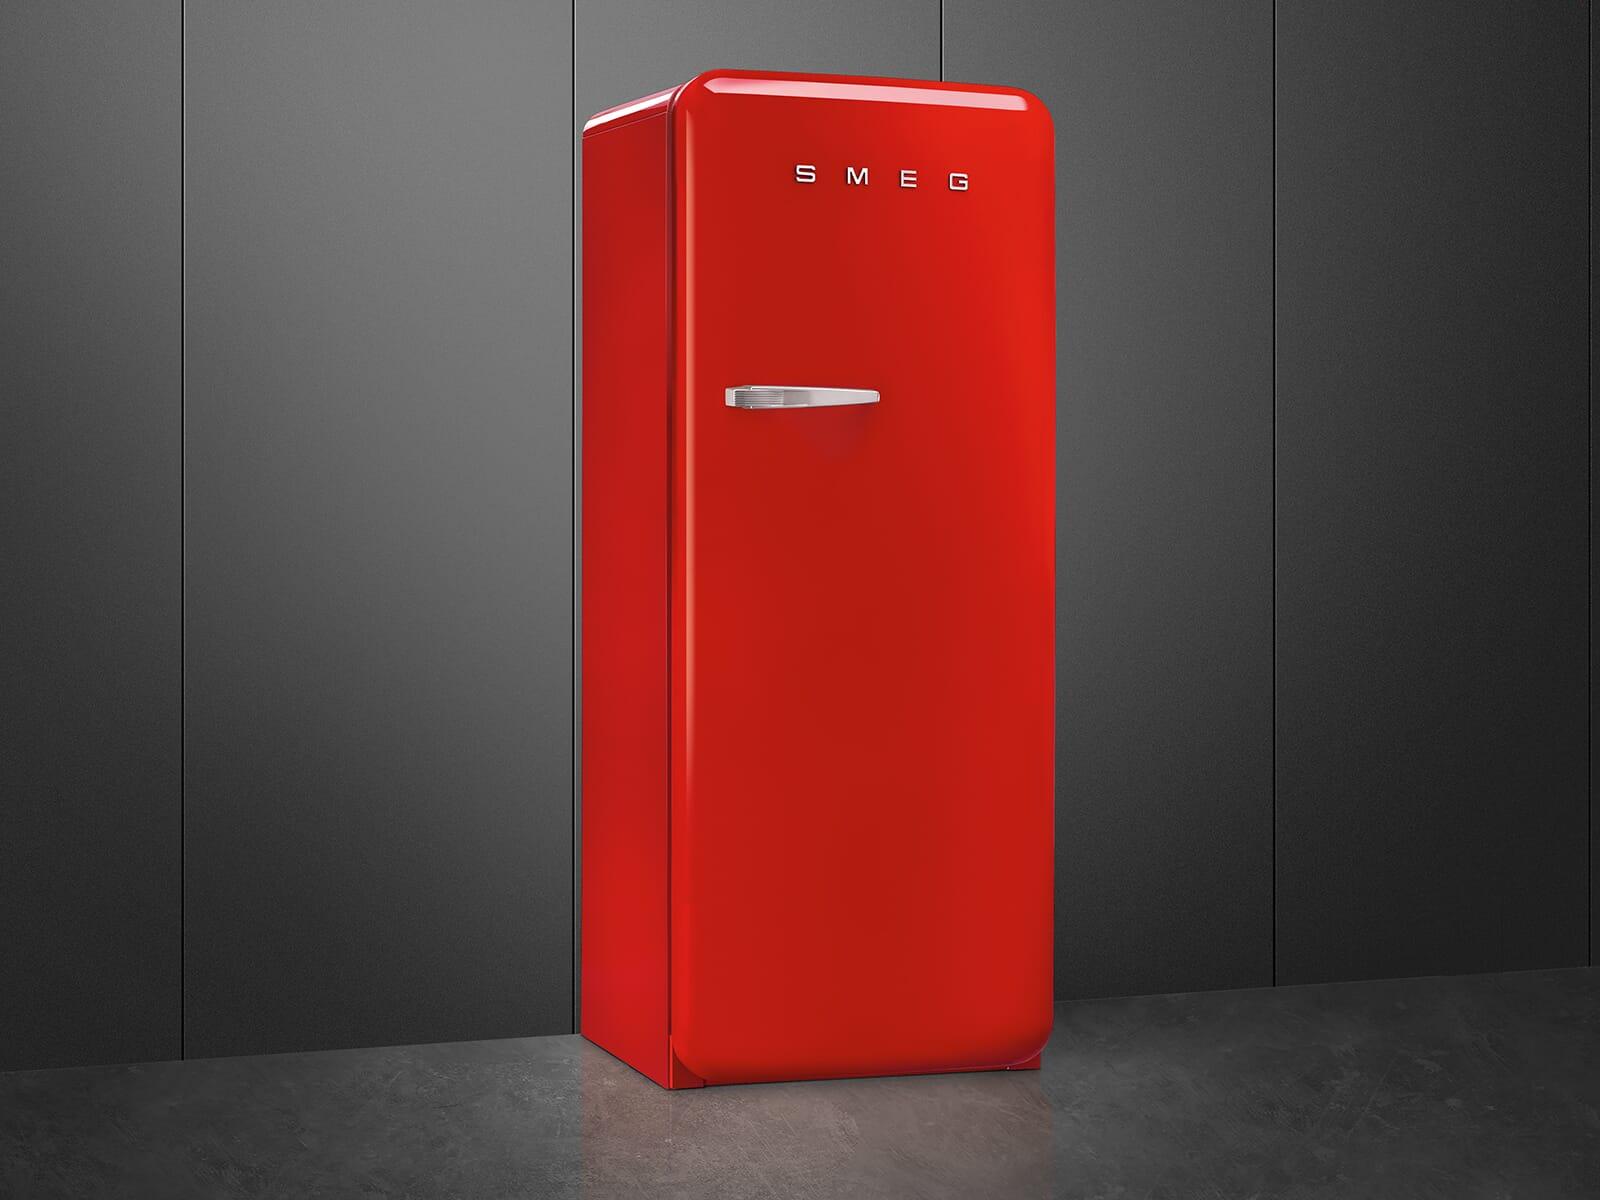 Smeg Kühlschrank Biofresh : Smeg fab rrd standkühlschrank rot